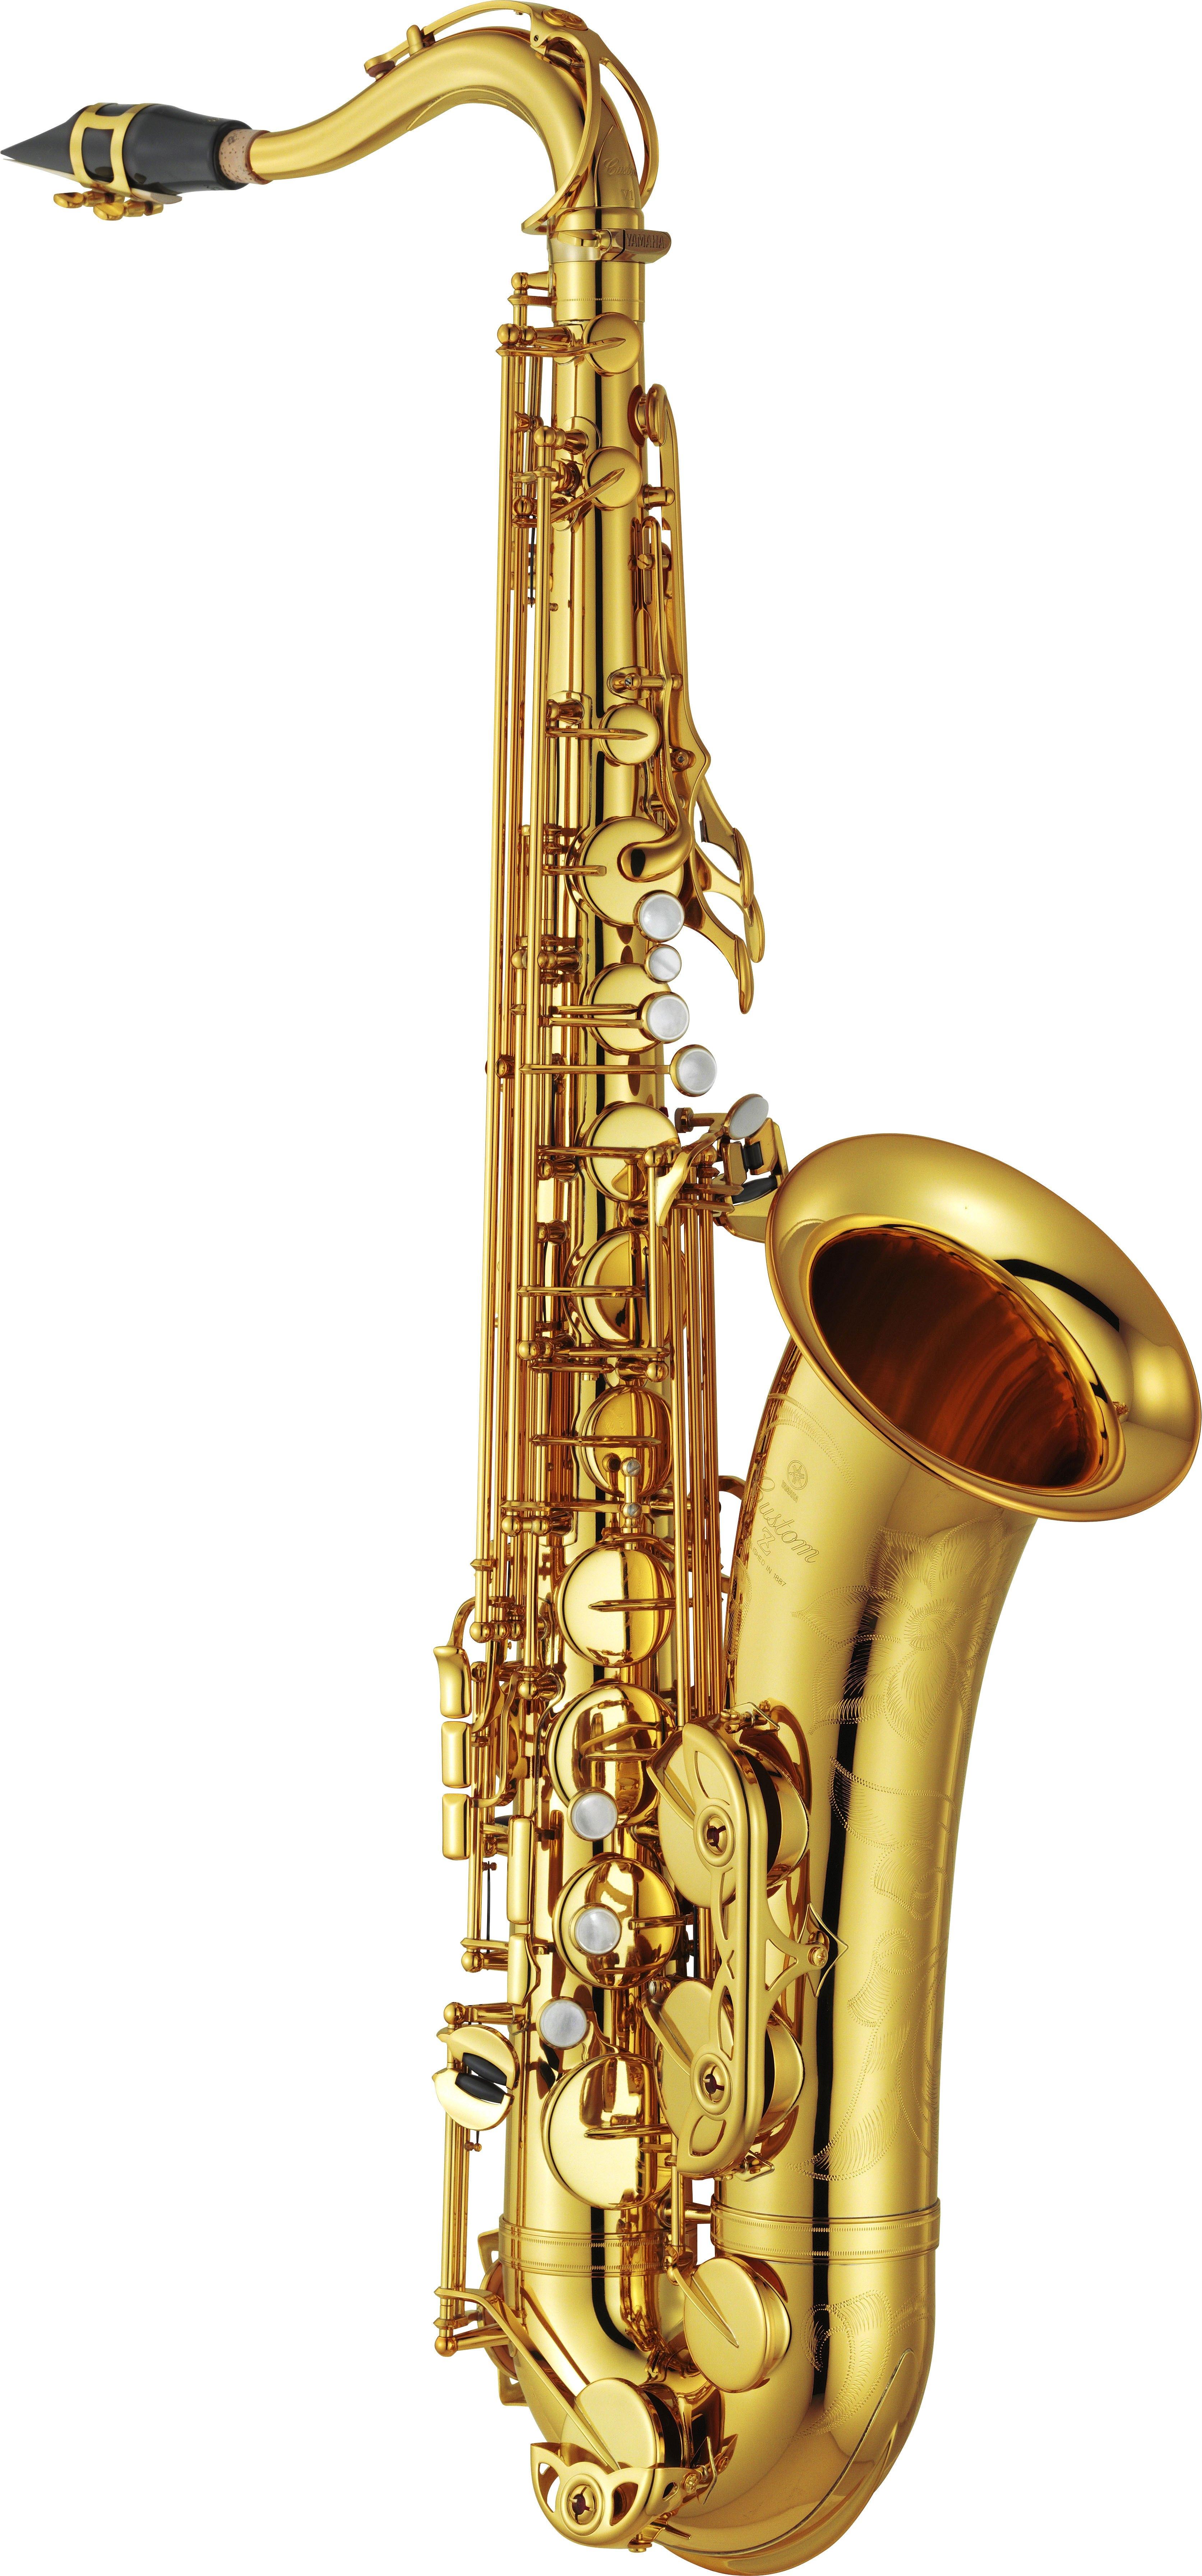 Yamaha - YTS - 82 - Z - Holzblasinstrumente - Saxophone | MUSIK BERTRAM Deutschland Freiburg